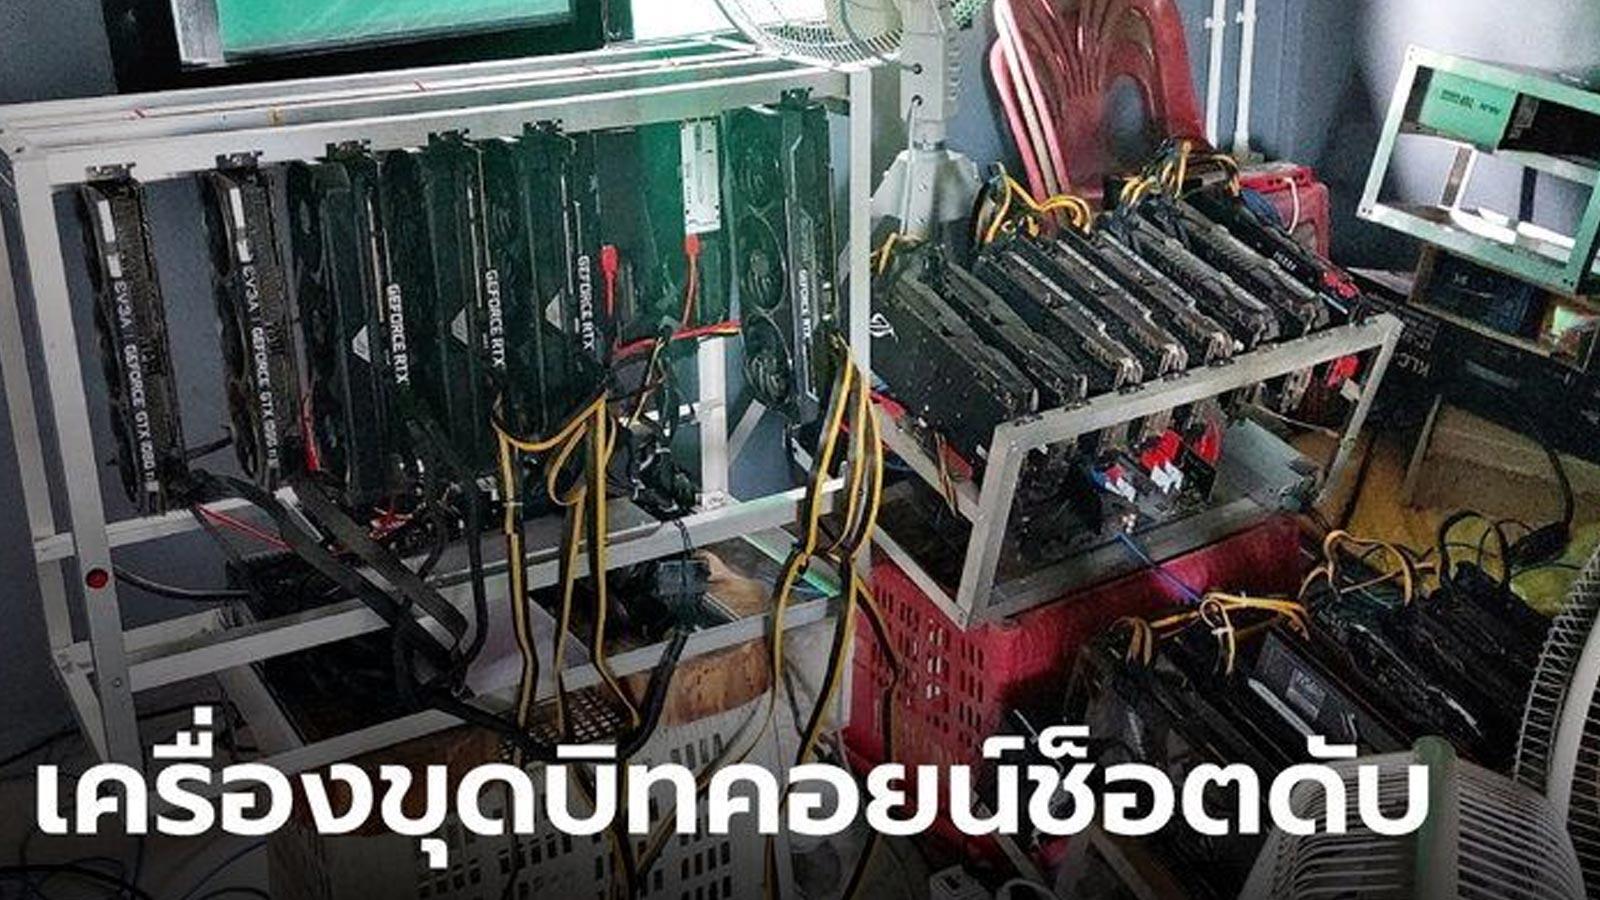 Minerador de criptomoedas morre após ser eletrocutado pelo próprio  equipamento